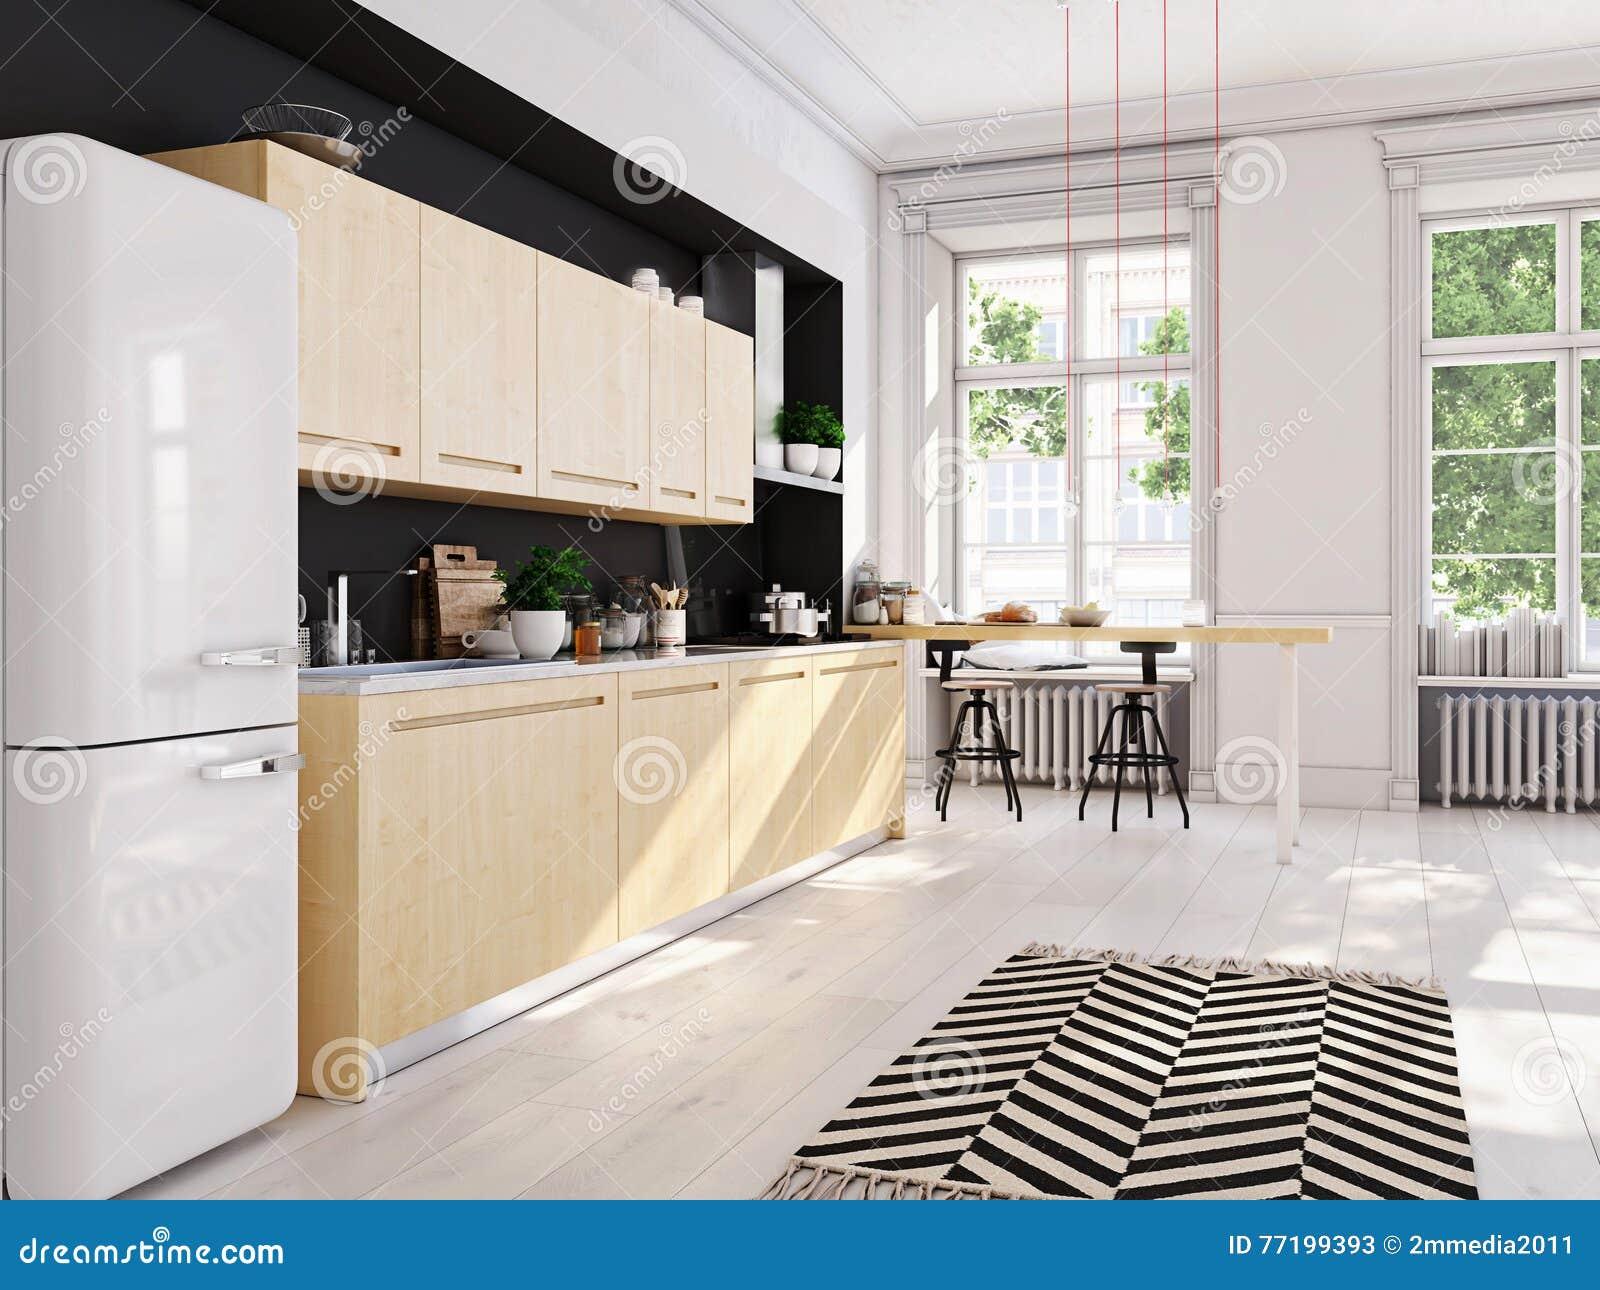 Cozinha Apartamento Moderna Interior Moderno Apartamento Em Estilo